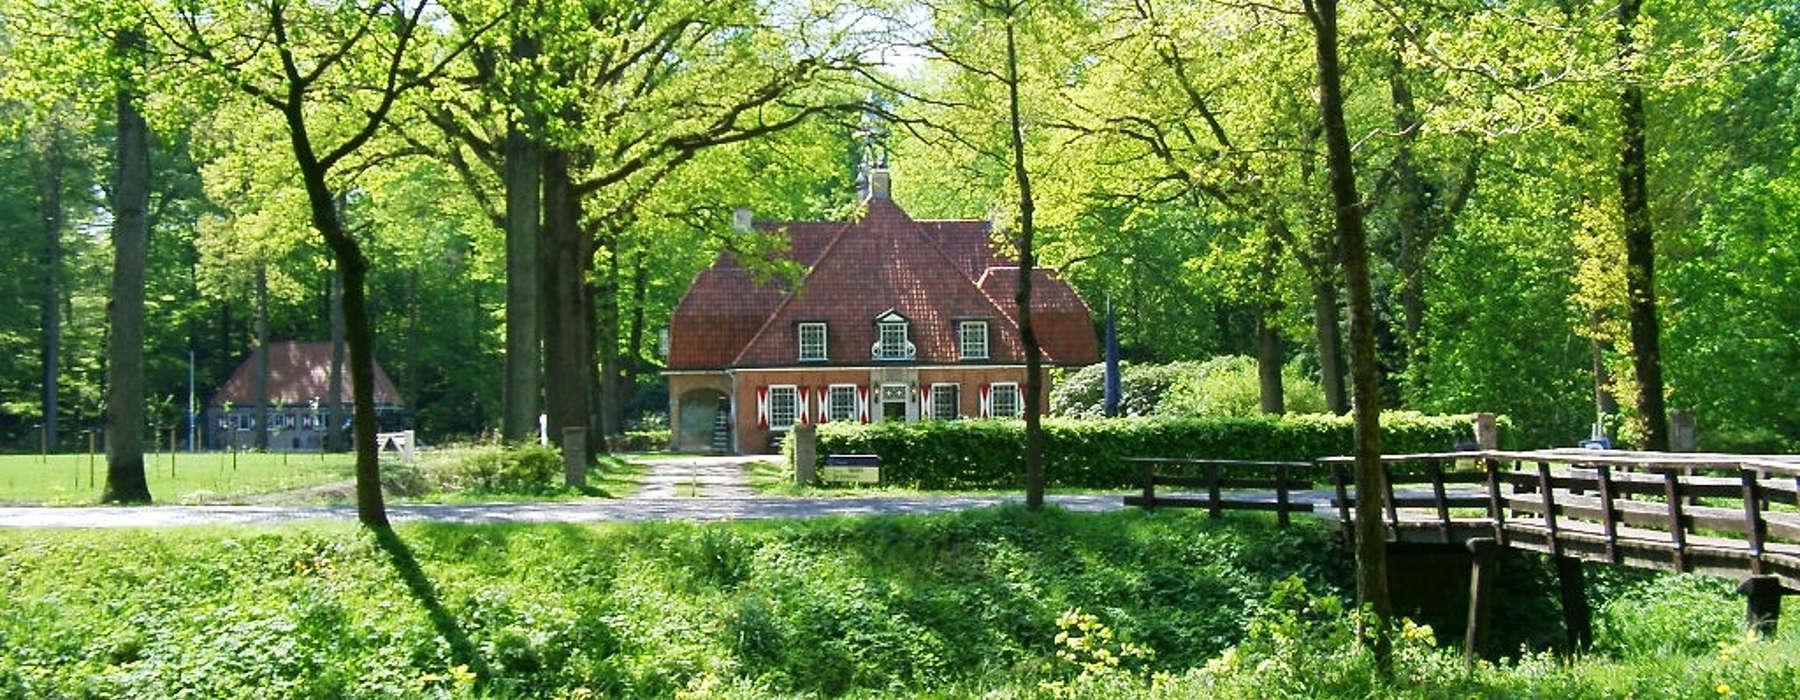 Nijs Gemeente Opsterlan - Boskhus